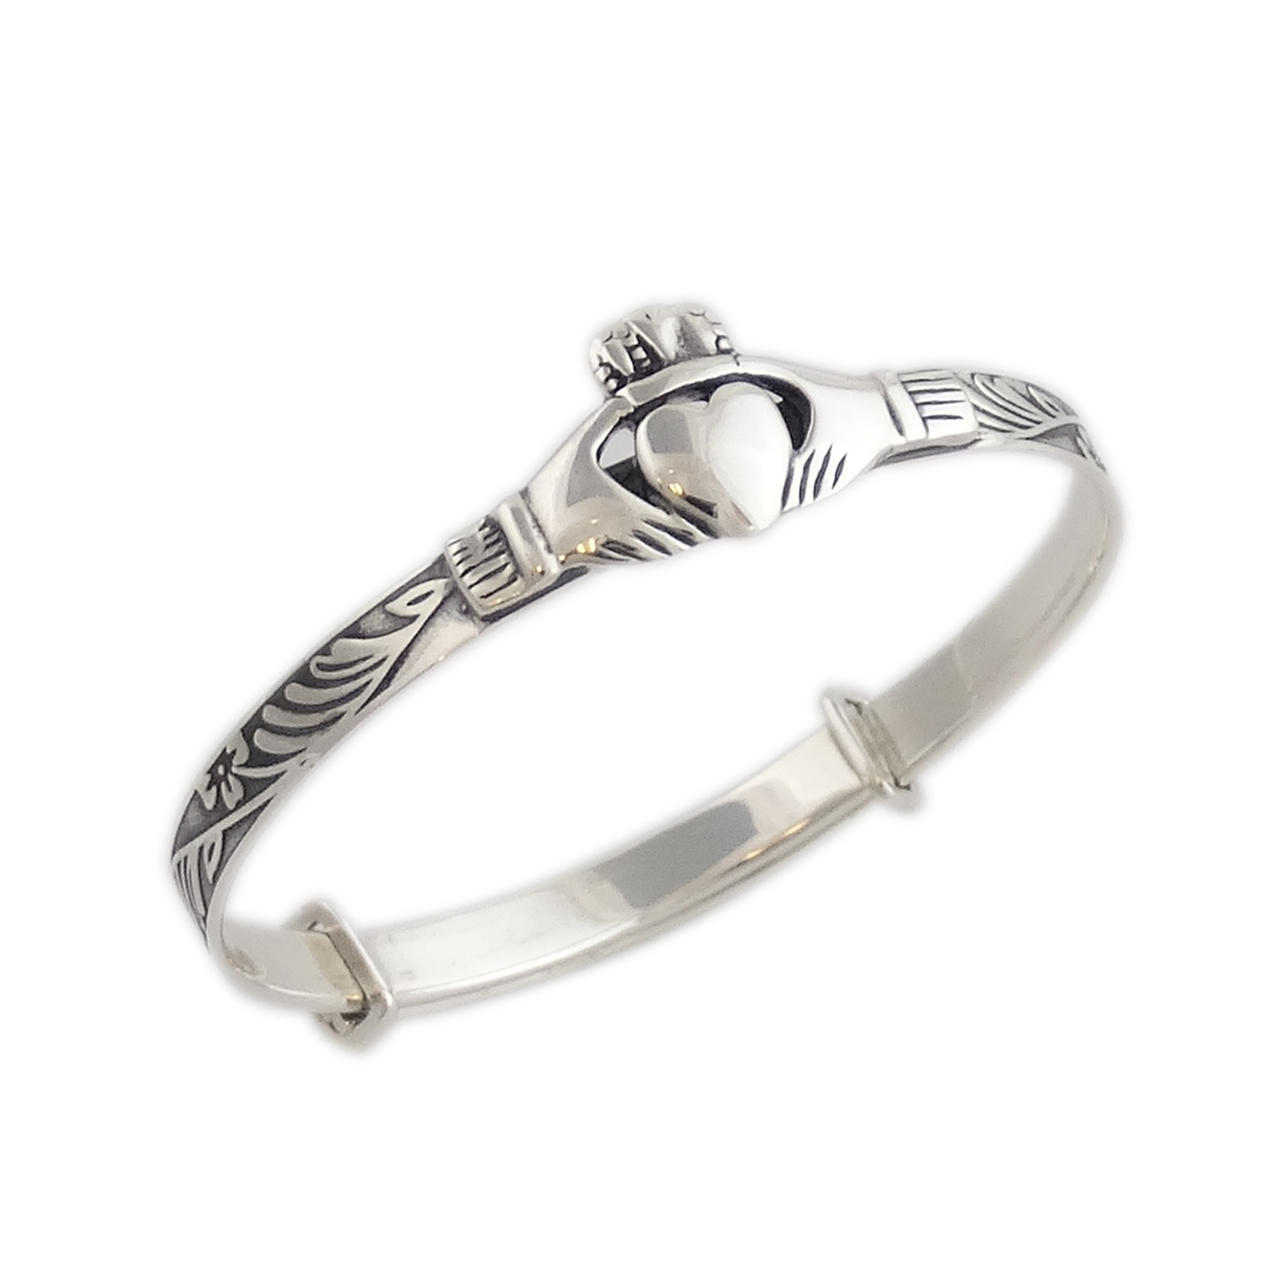 Baby Claddagh Adjustable BANGLE Bracelet - Sterling Silver